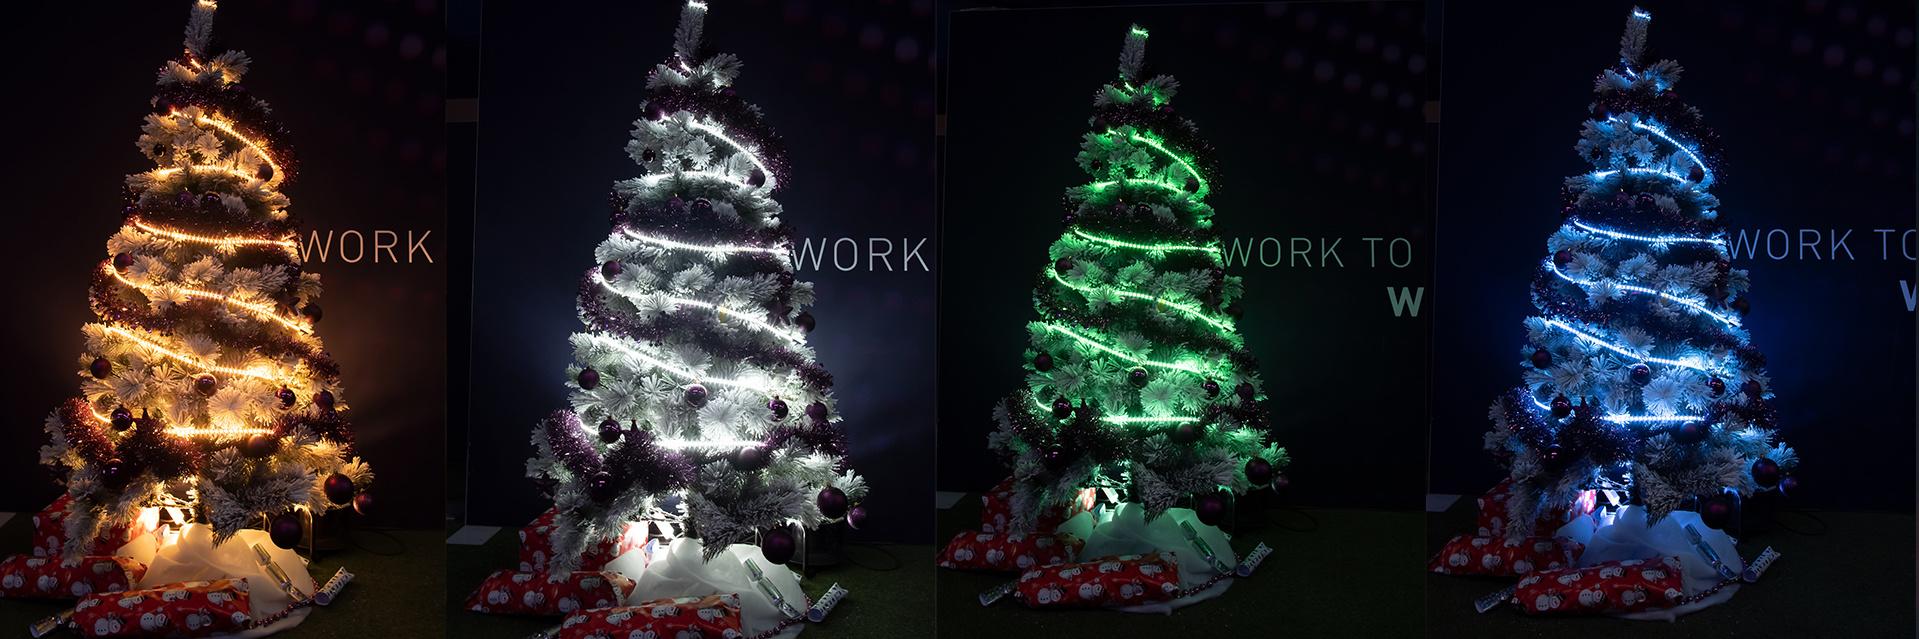 Kerstbomen Ledstrips